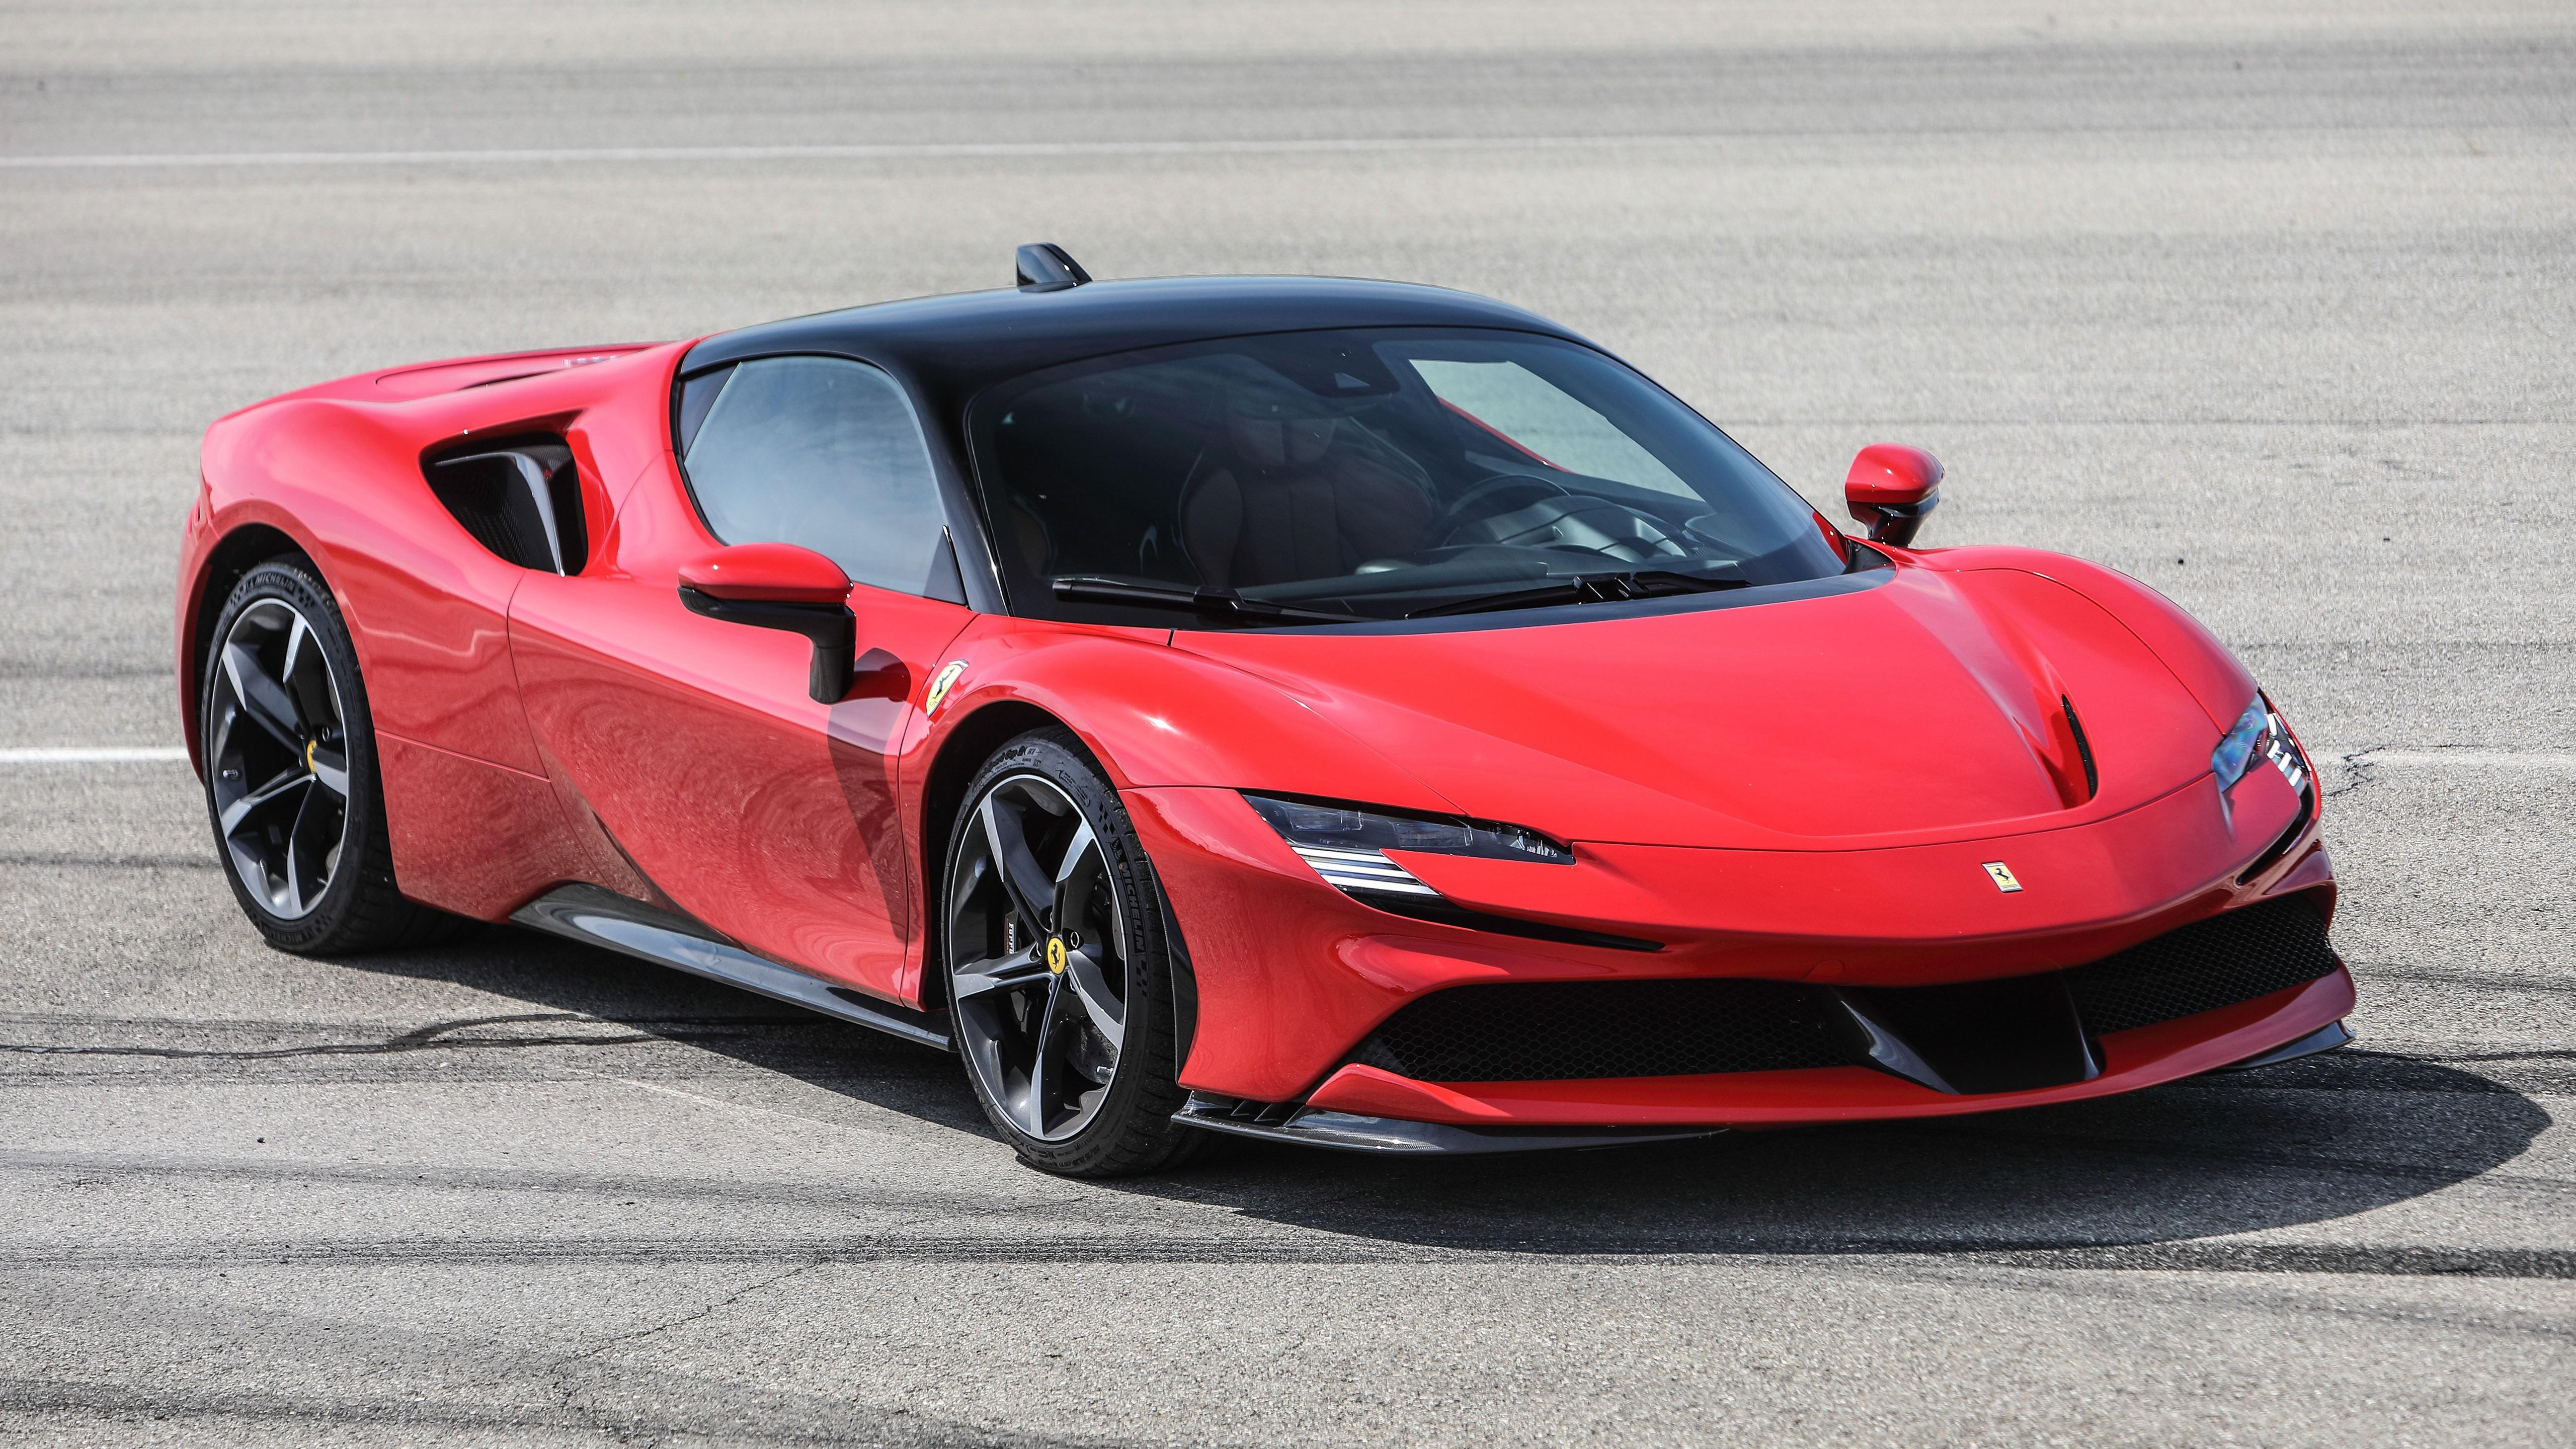 Ferrari SF90 Stradale 2020 5K Wallpaper   HD Car ...